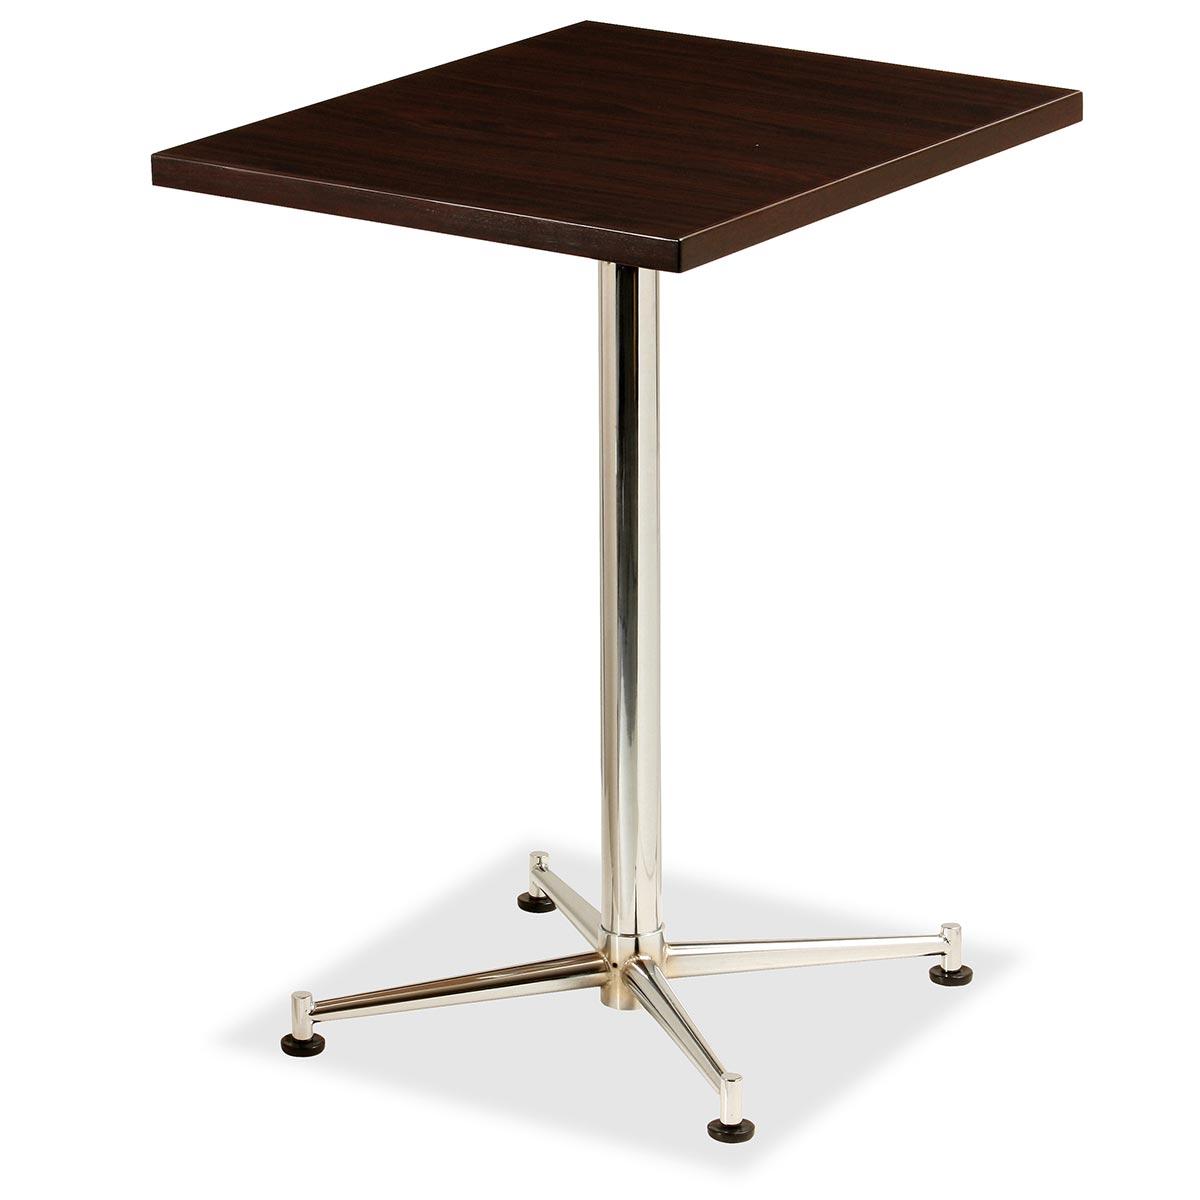 テラモト テーブル KBT-6050M BR ブラウン OT-630-005-4